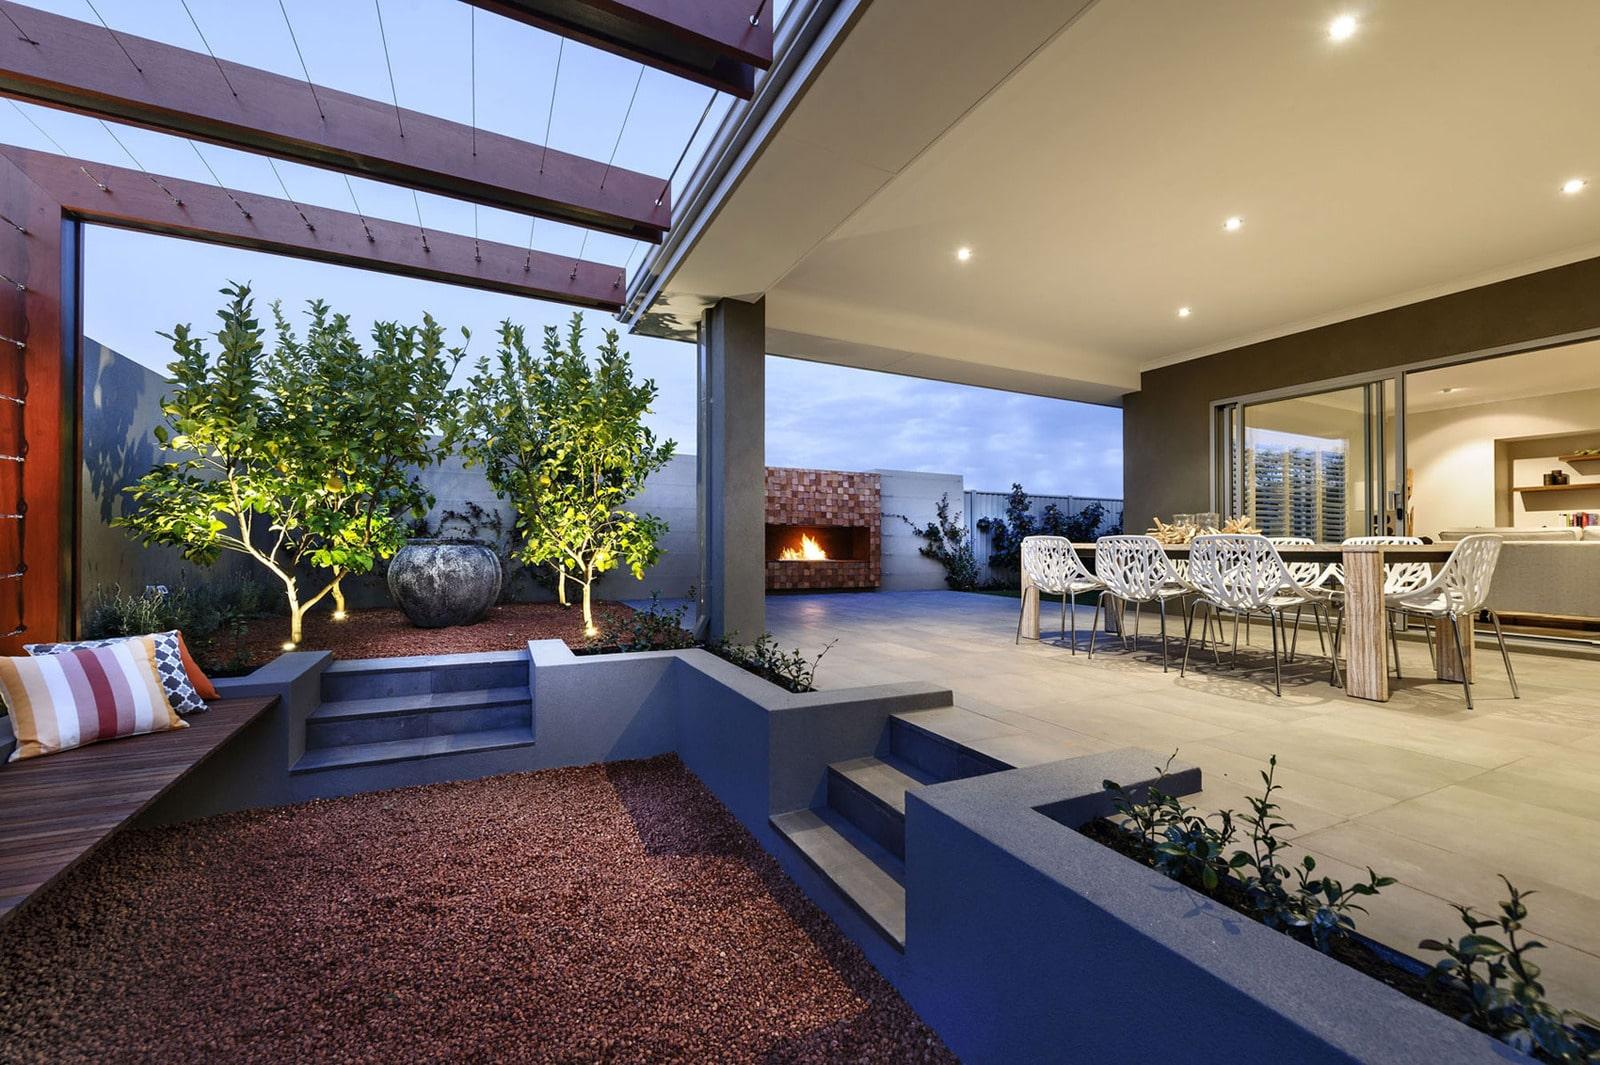 Diseño de casa moderna de dos pisos, fachada e interiores on Interiores De Casas Modernas  id=73238